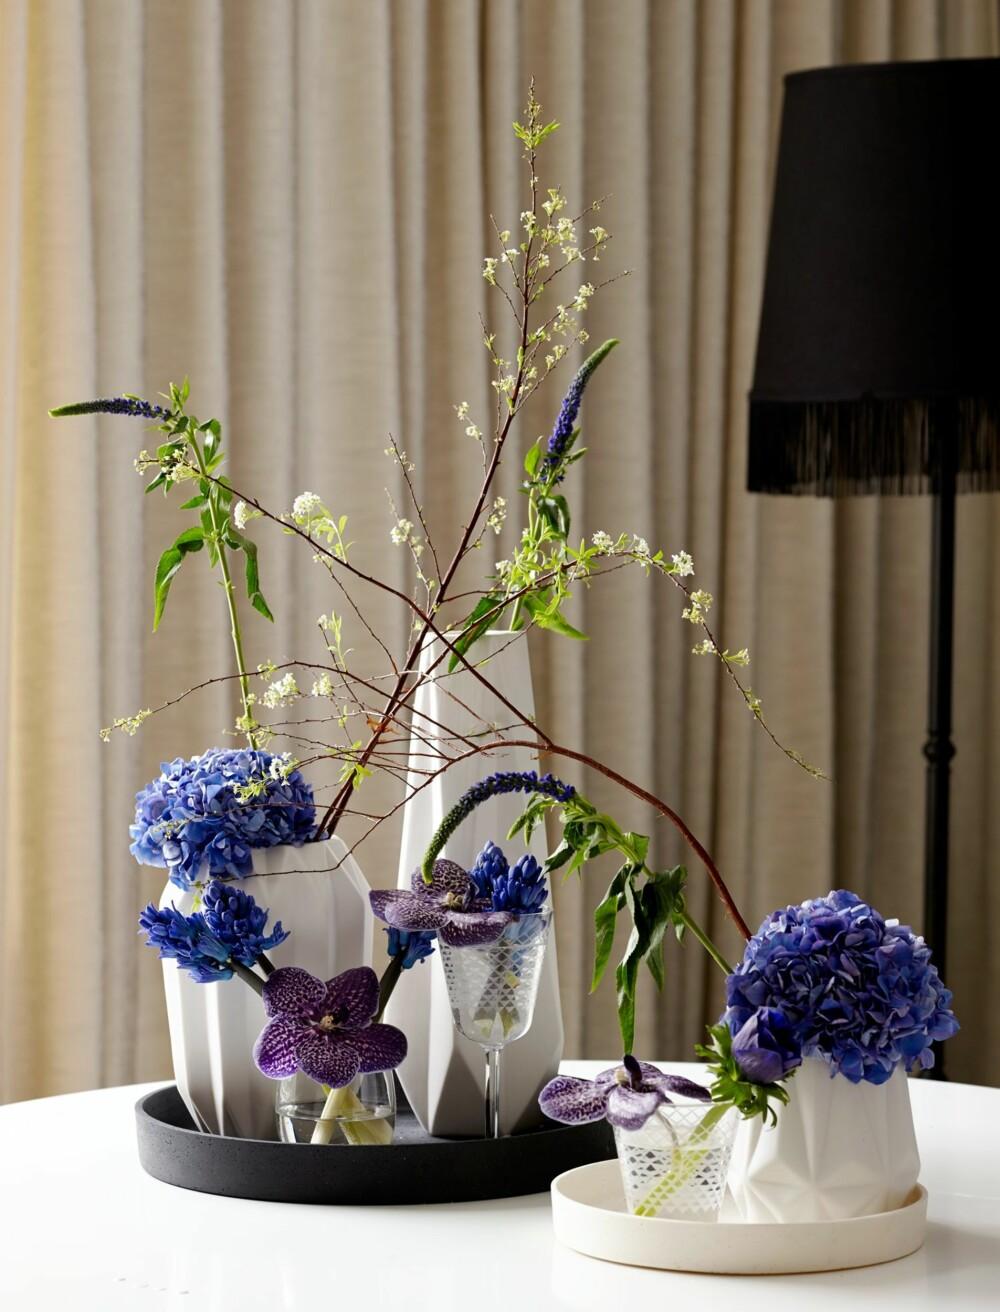 PÅ FAT: Ulike vaser og glass fordelt på to fat, danner basen for denne borddekorasjonen.  Her ser du hortensia, hyacinter og veronicea i blåtoner, som går mot lilla i wandaorkidéene.  Takk til Åhléns for lån av kanner, vaser og fat.Idé og styling: Juni Hjartholm/Steen & Aiesh for Bonytt.